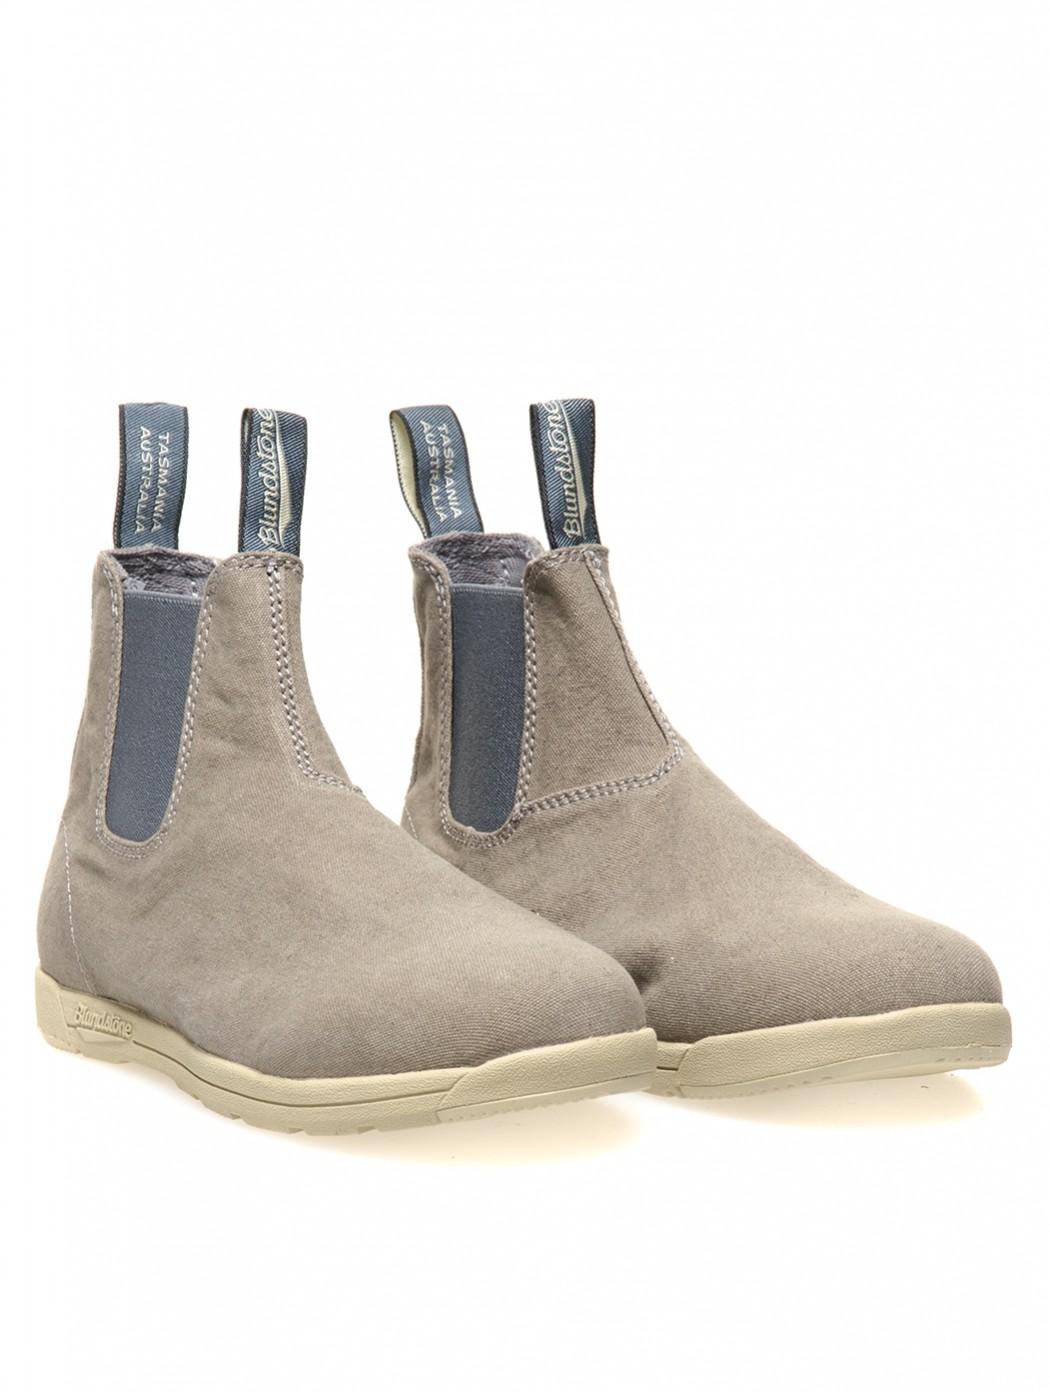 sale retailer 8e924 16357 BLUNDSTONE BOOTS